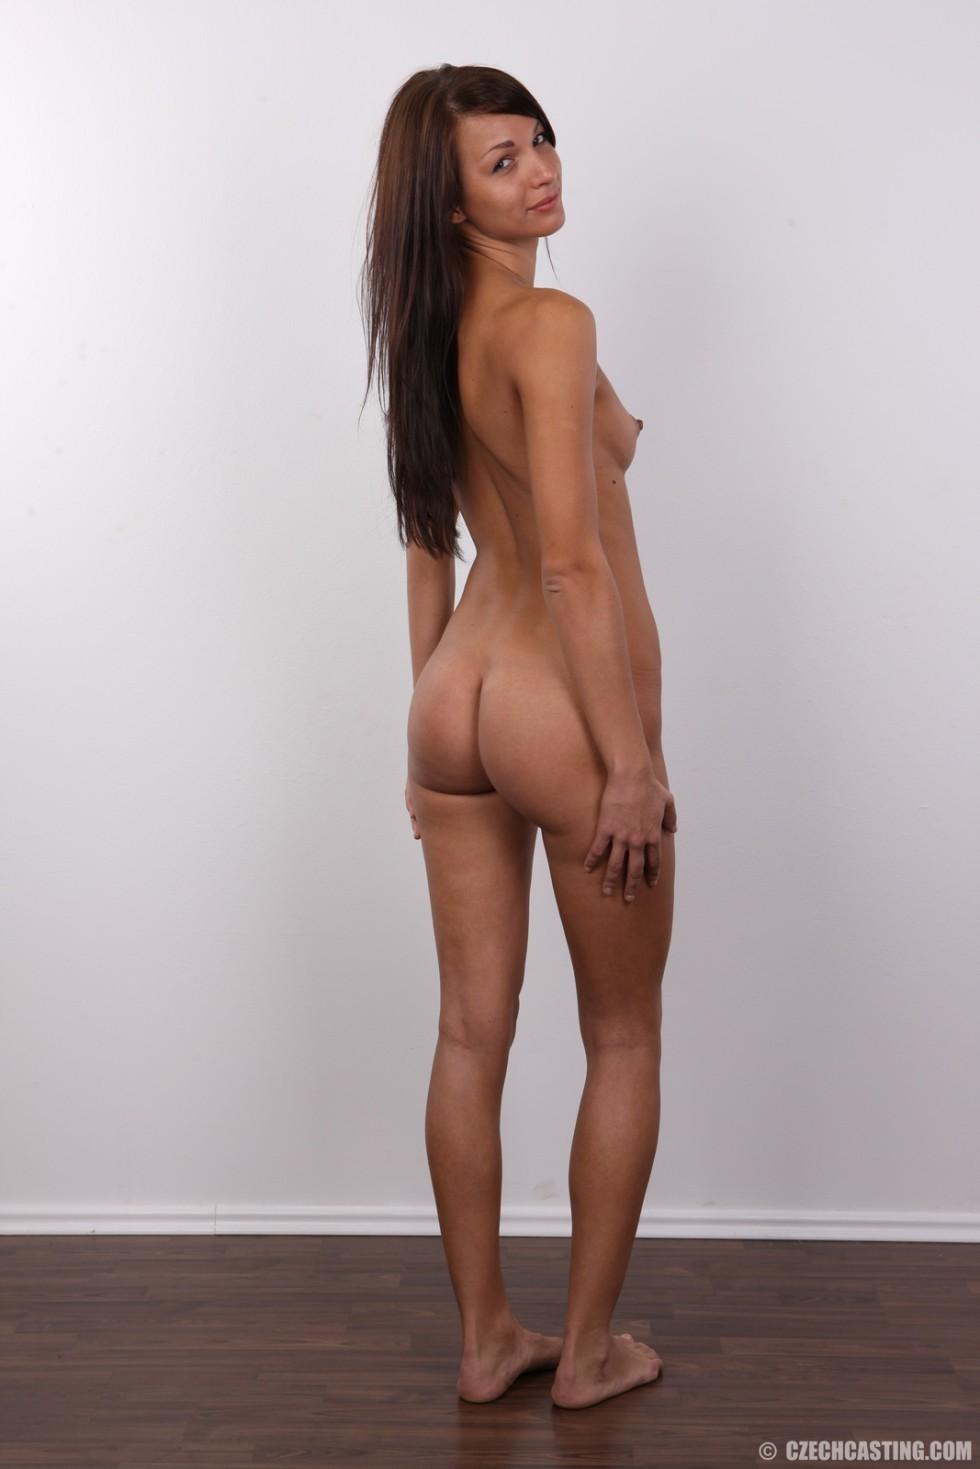 Красивая чешская проститутка снимается ради денег голой